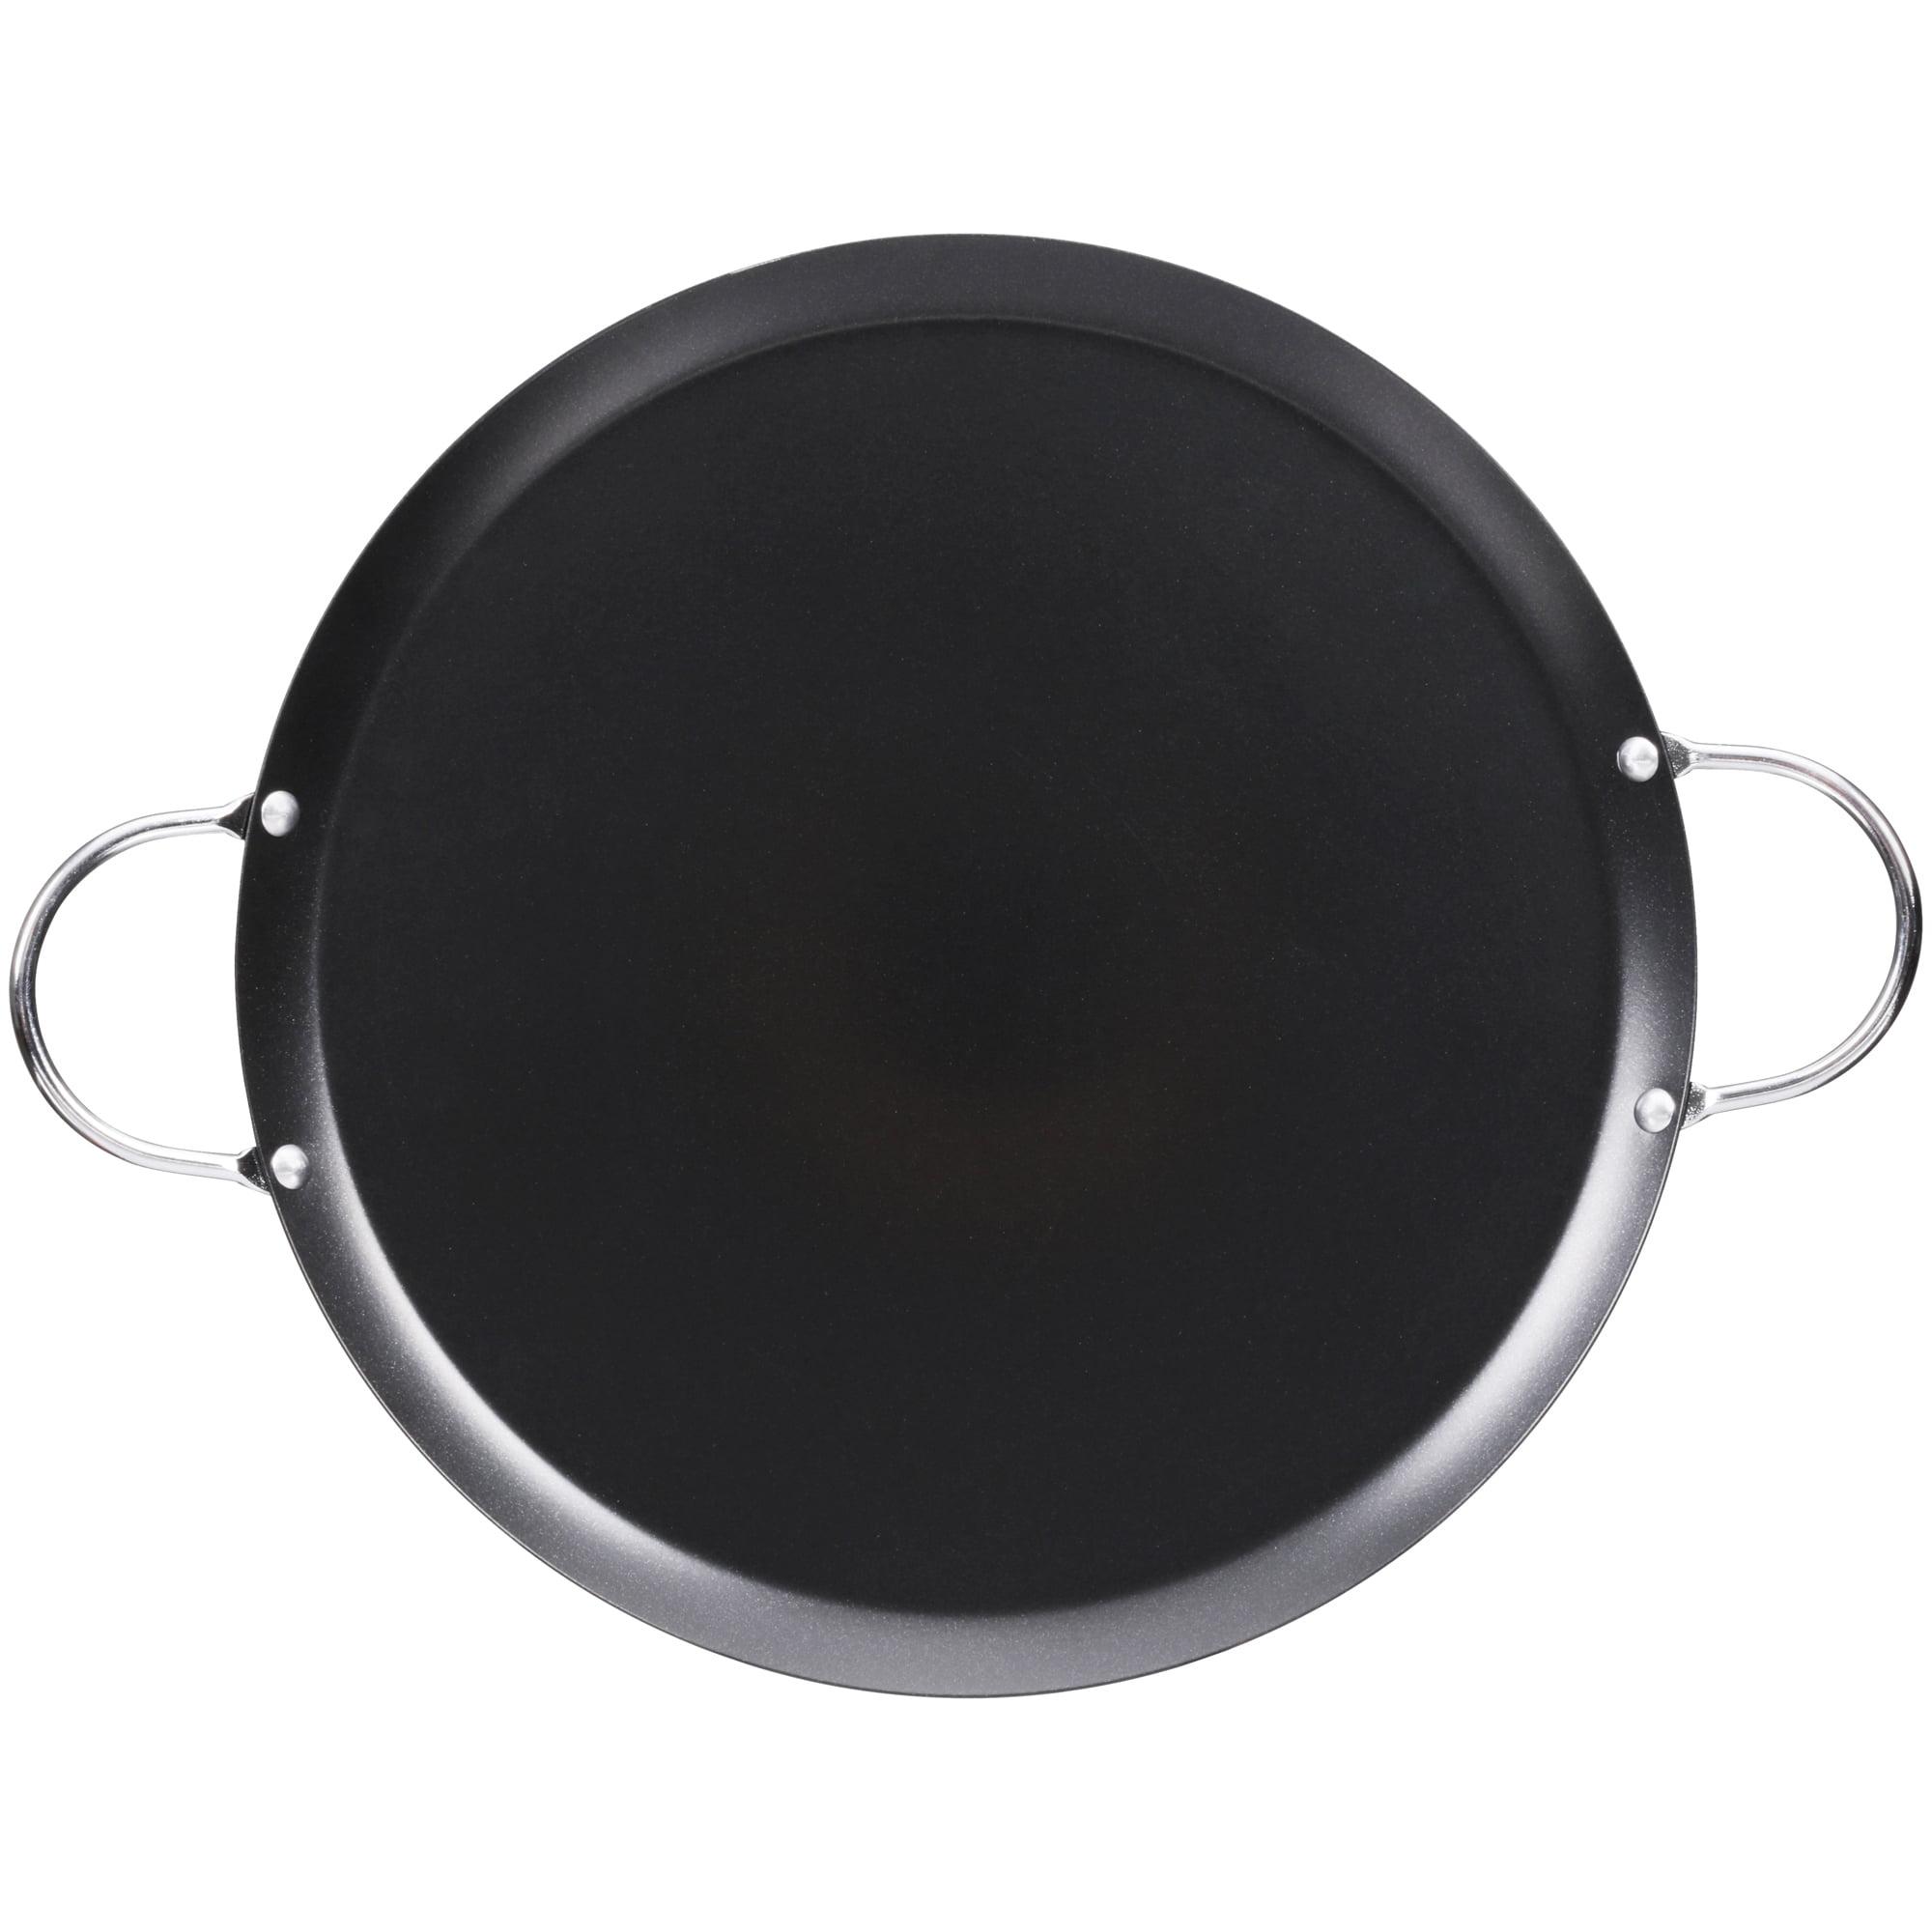 Imusa Round 13 Inch Carbon Steel Round Comal Black Walmart Com Walmart Com